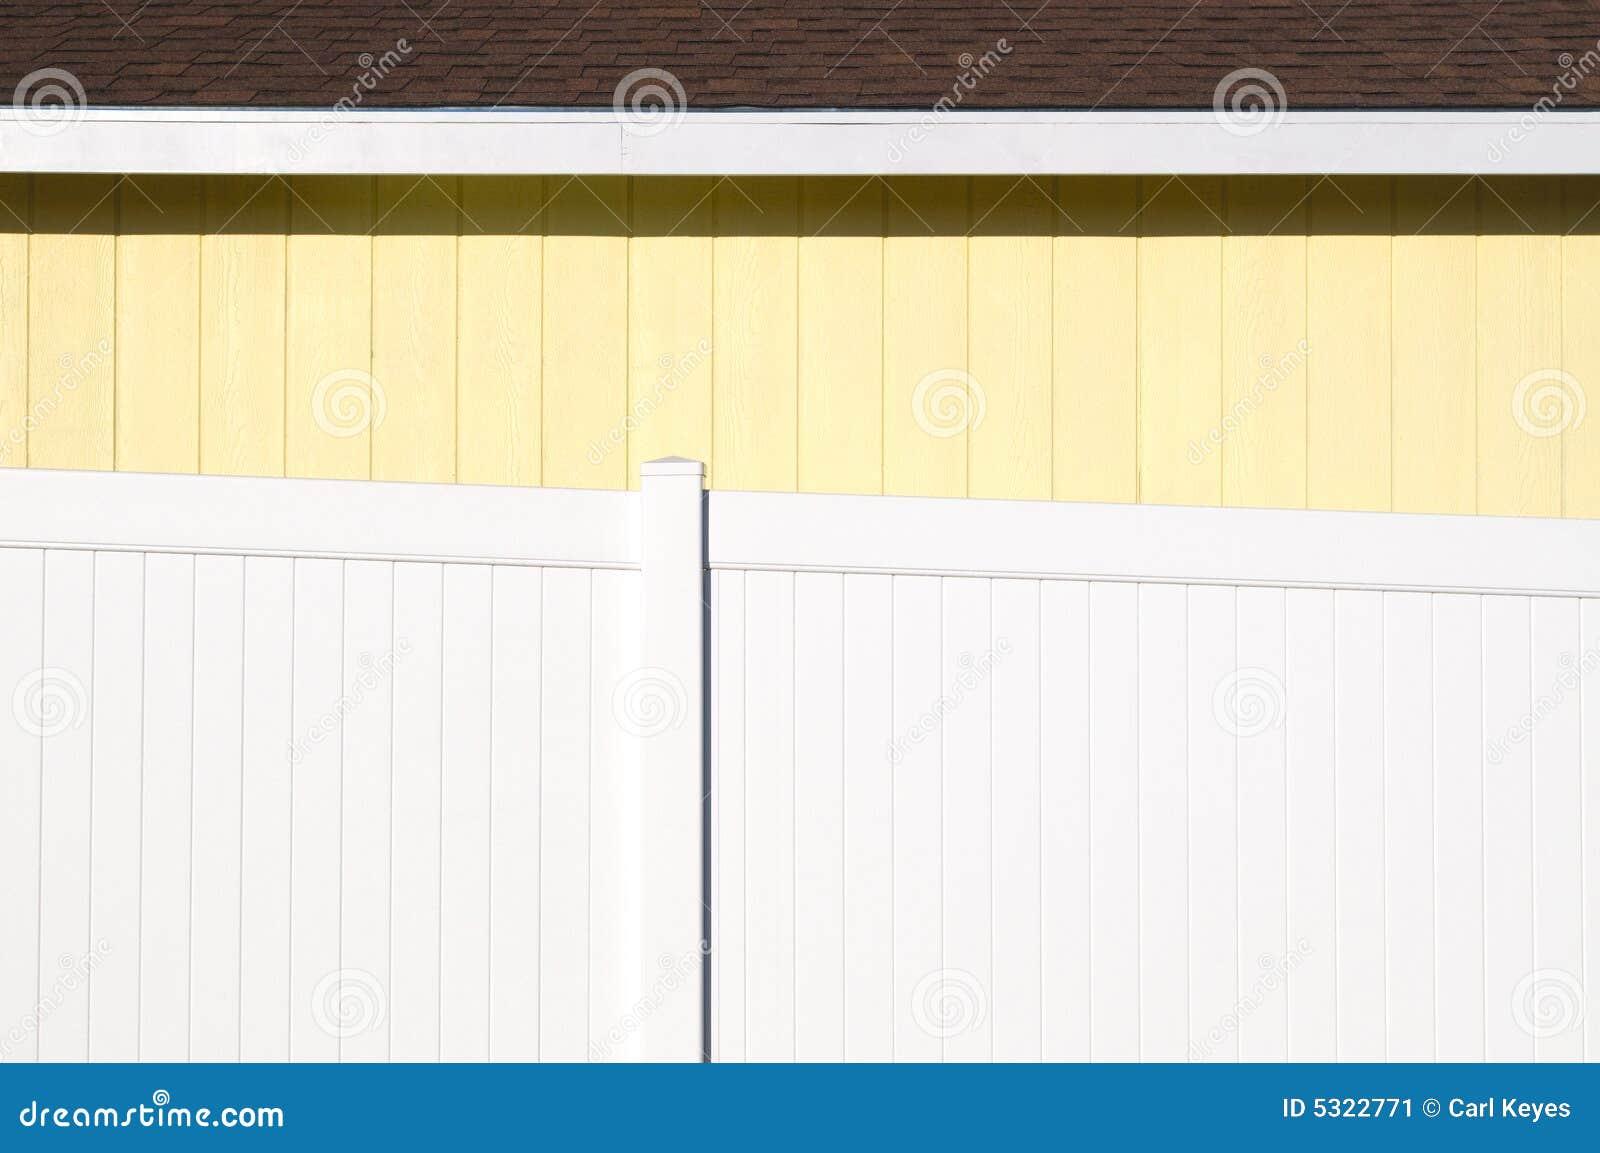 Chambre Jaune Avec La Frontière De Sécurité Blanche Image stock ...